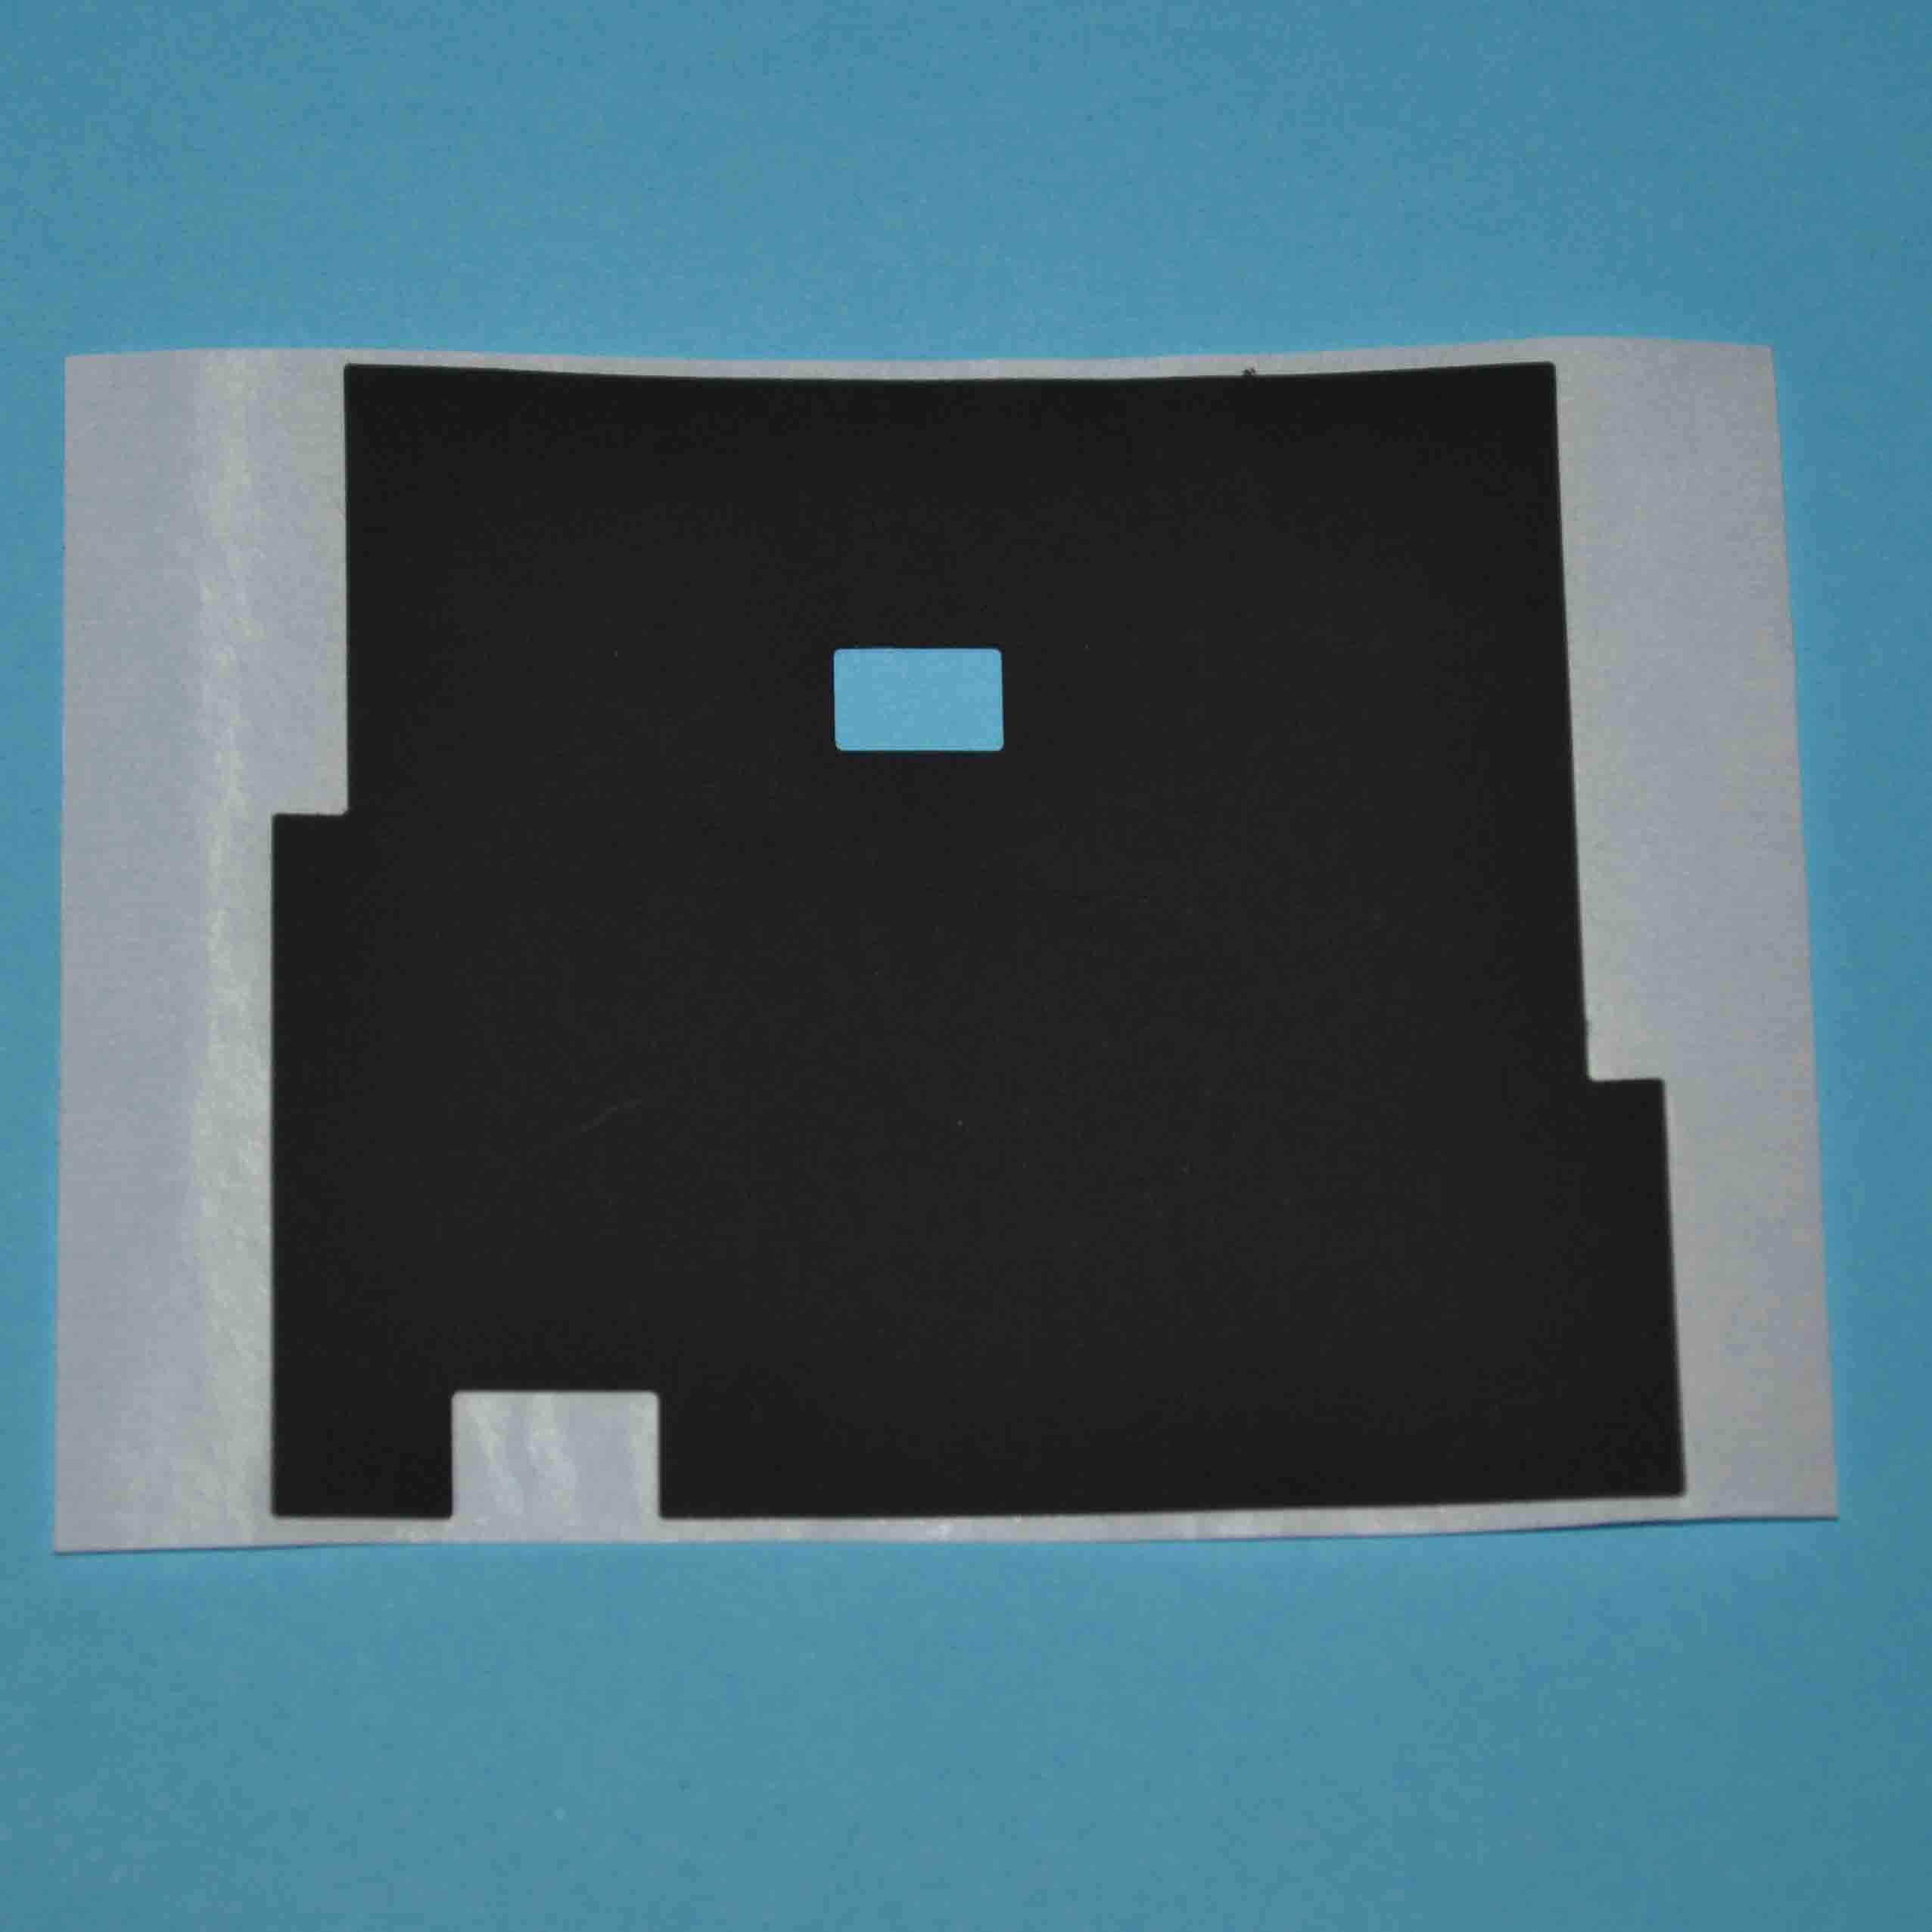 平板電腦石墨散熱材料